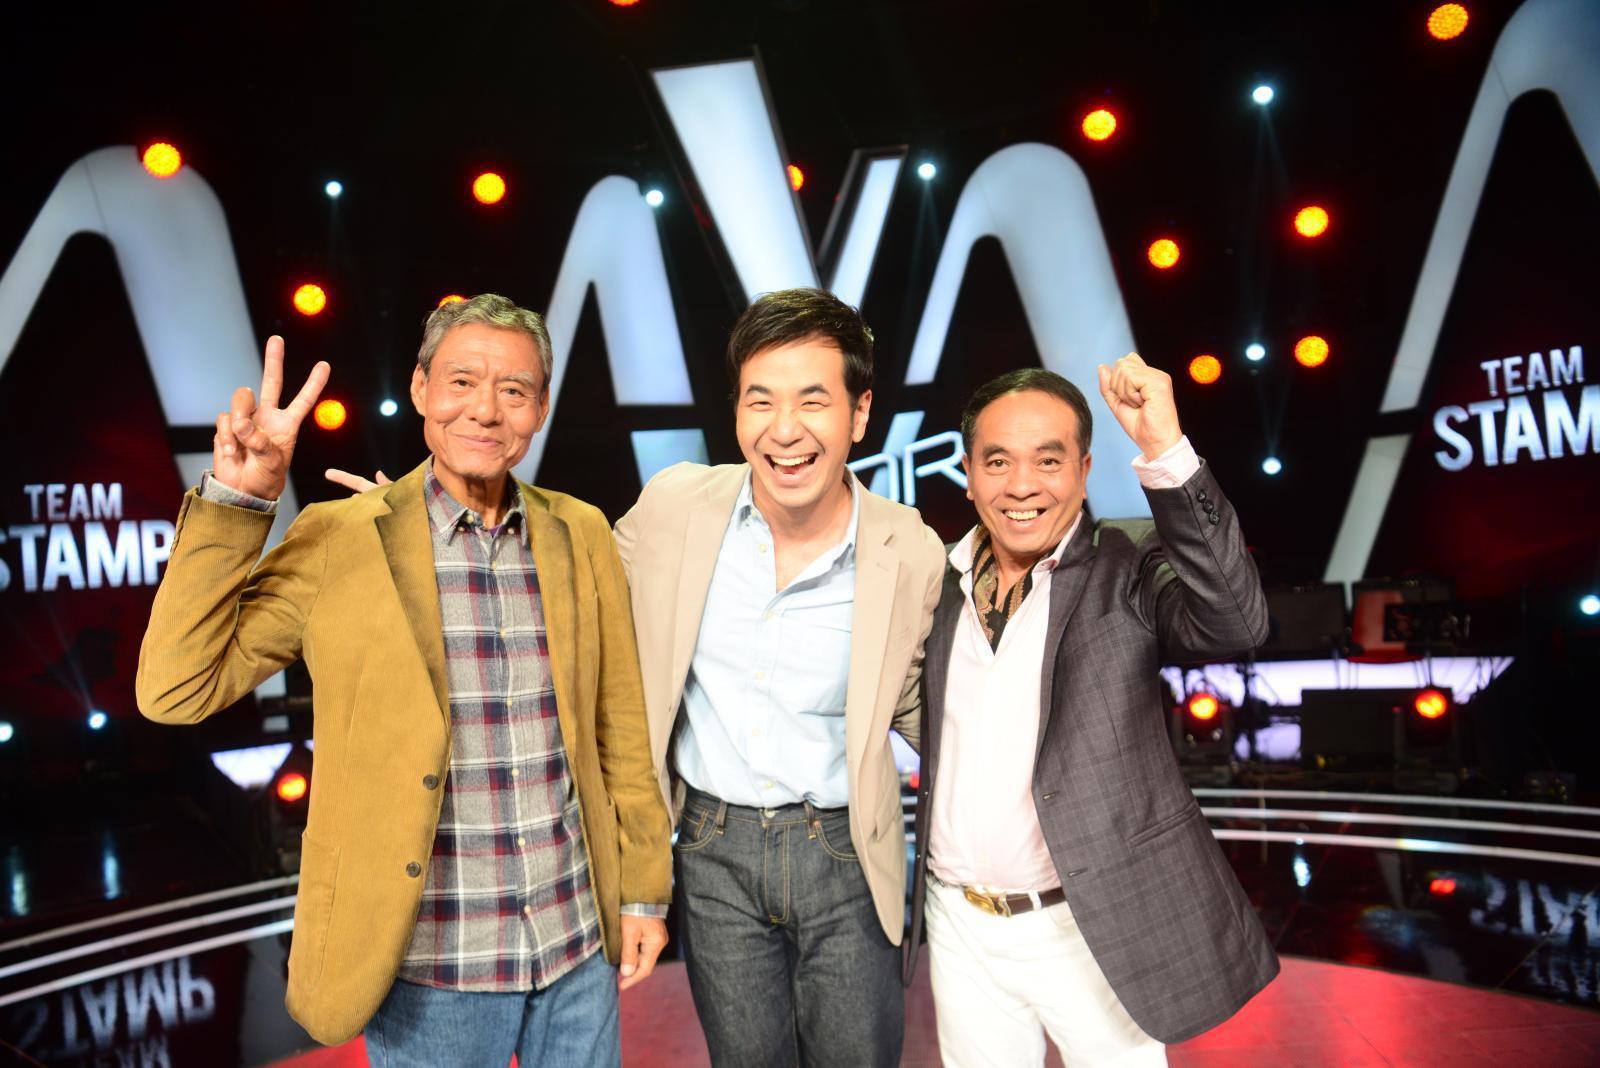 """ลุ้น! แชมป์คนแรกของเอเชีย """"เดอะ วอยซ์ ซีเนียร์ 2019""""  รอบไฟนอล ร่วมโหวตเสียงจริง…ตัวจริง วัยเก๋าคนแรกของไทย"""